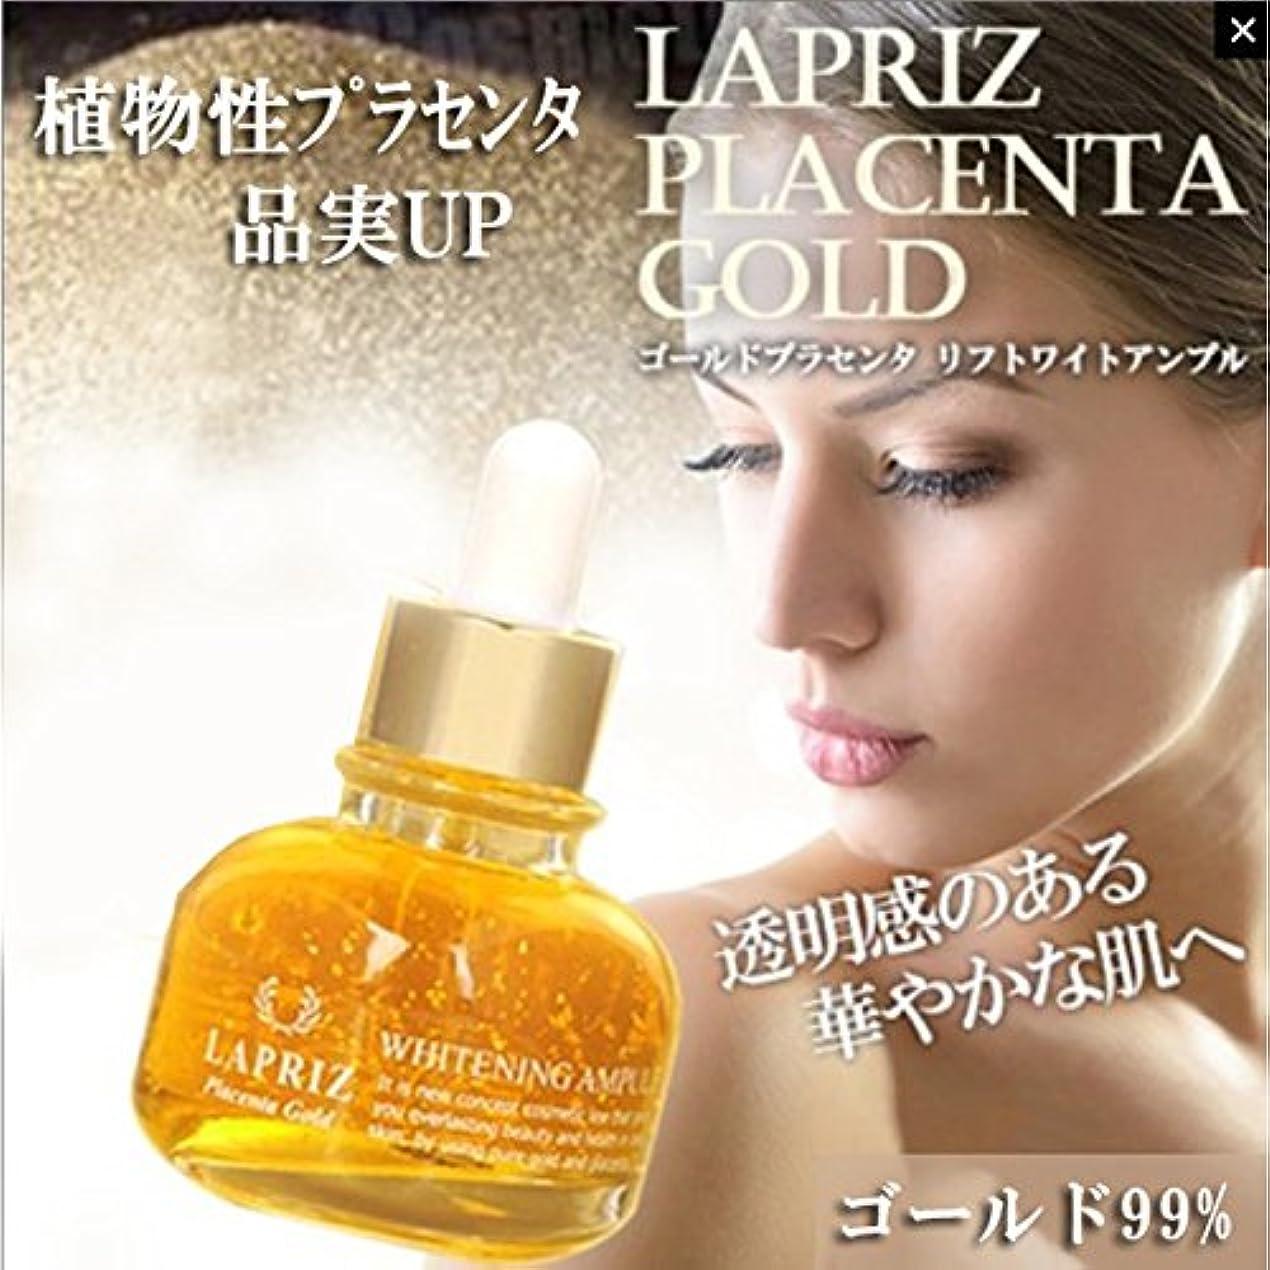 タイマー悪性運動【LAPRIZ/ラプリズ】プラセンタゴルードホワイトニングアンプル99.9% ゴールド